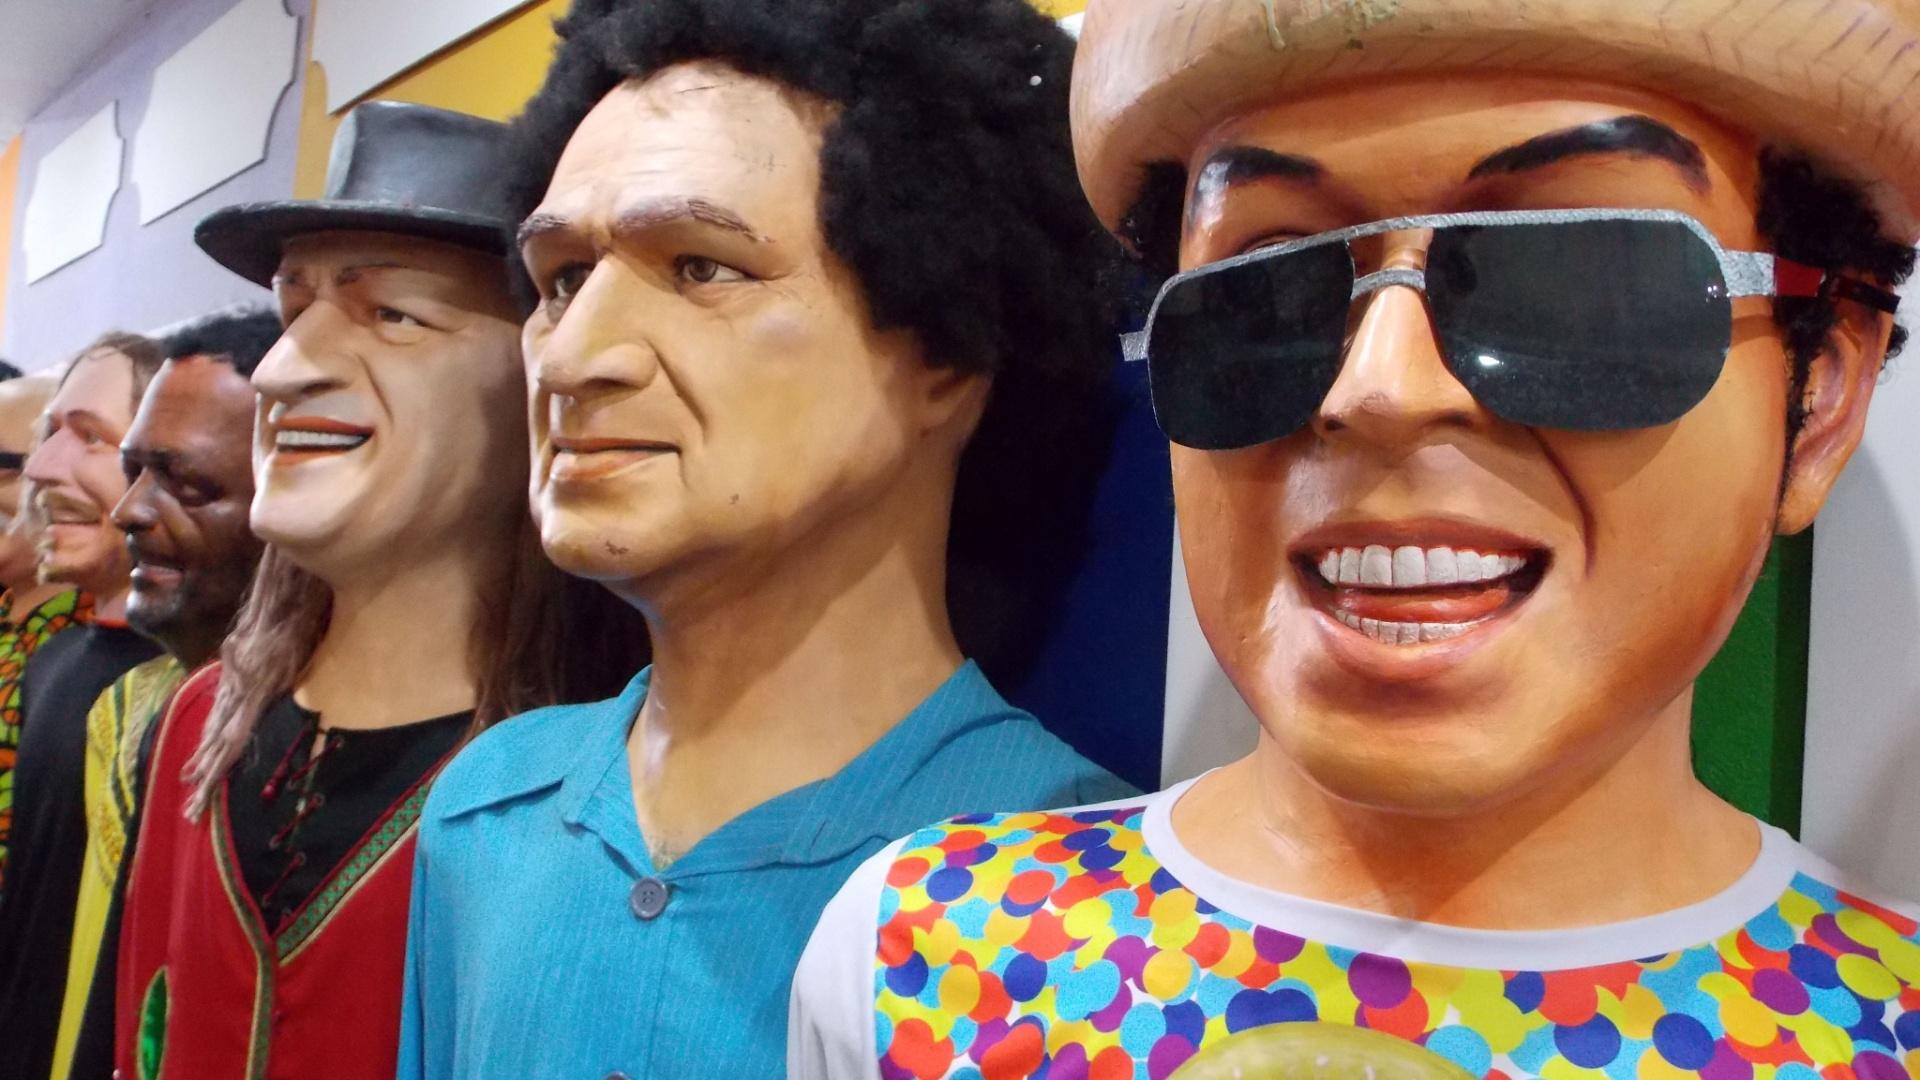 Futebol e São João. As festas juninas, tão tradicionais em Pernambuco, prometem dar um gostinho a mais à experiência de quem for ao Recife para assistir aos jogos da Copa das Confederações